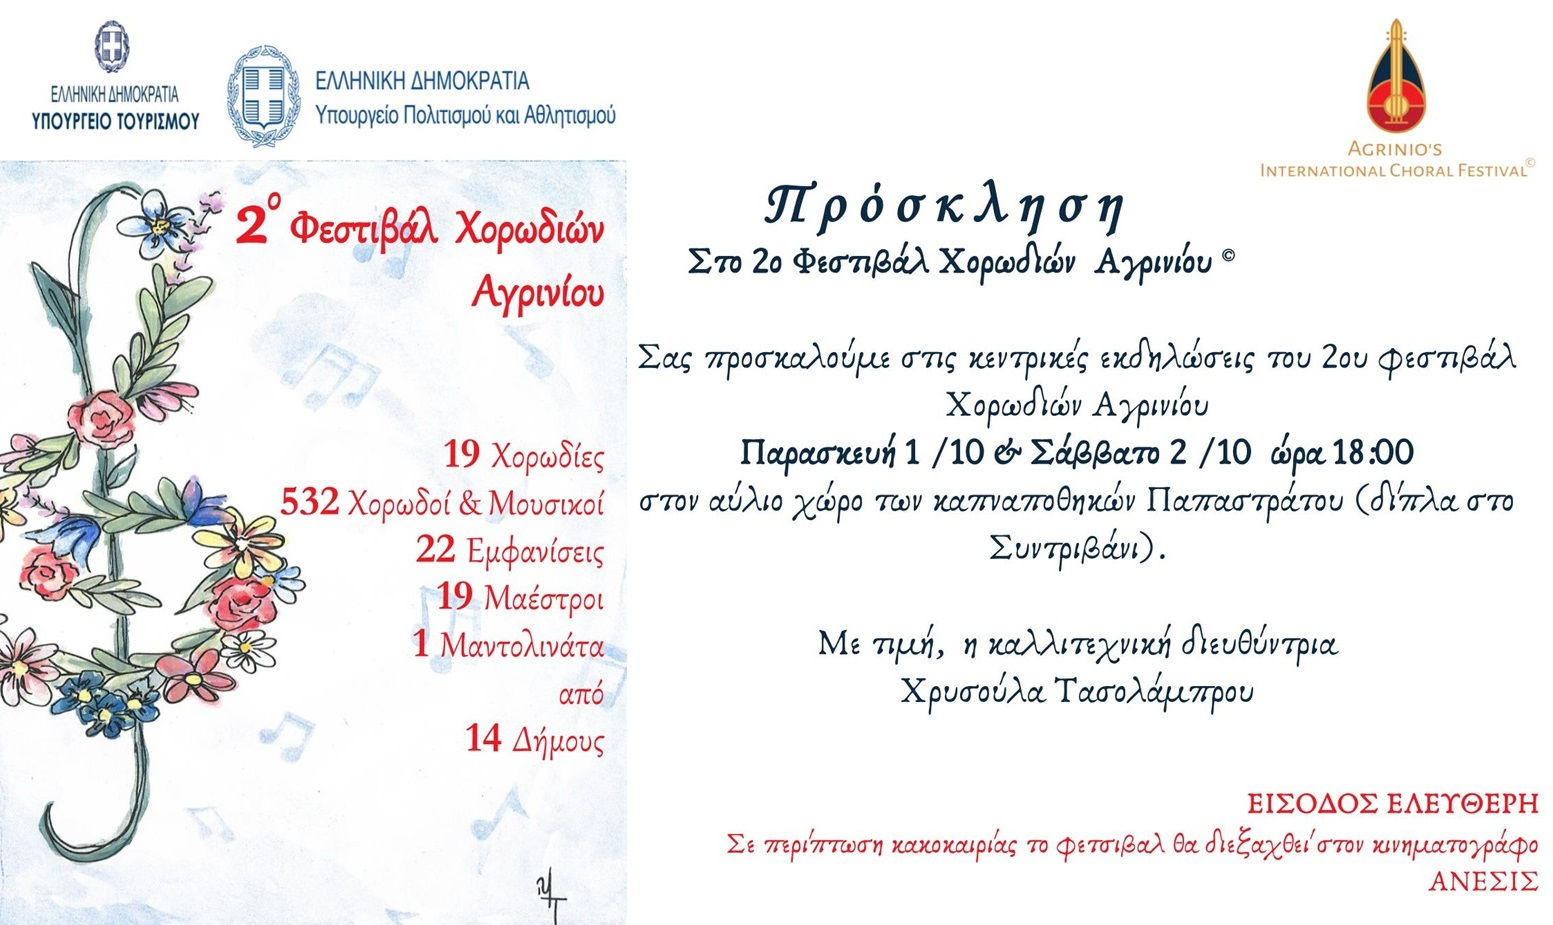 chorodiako_festival_agrinio 2